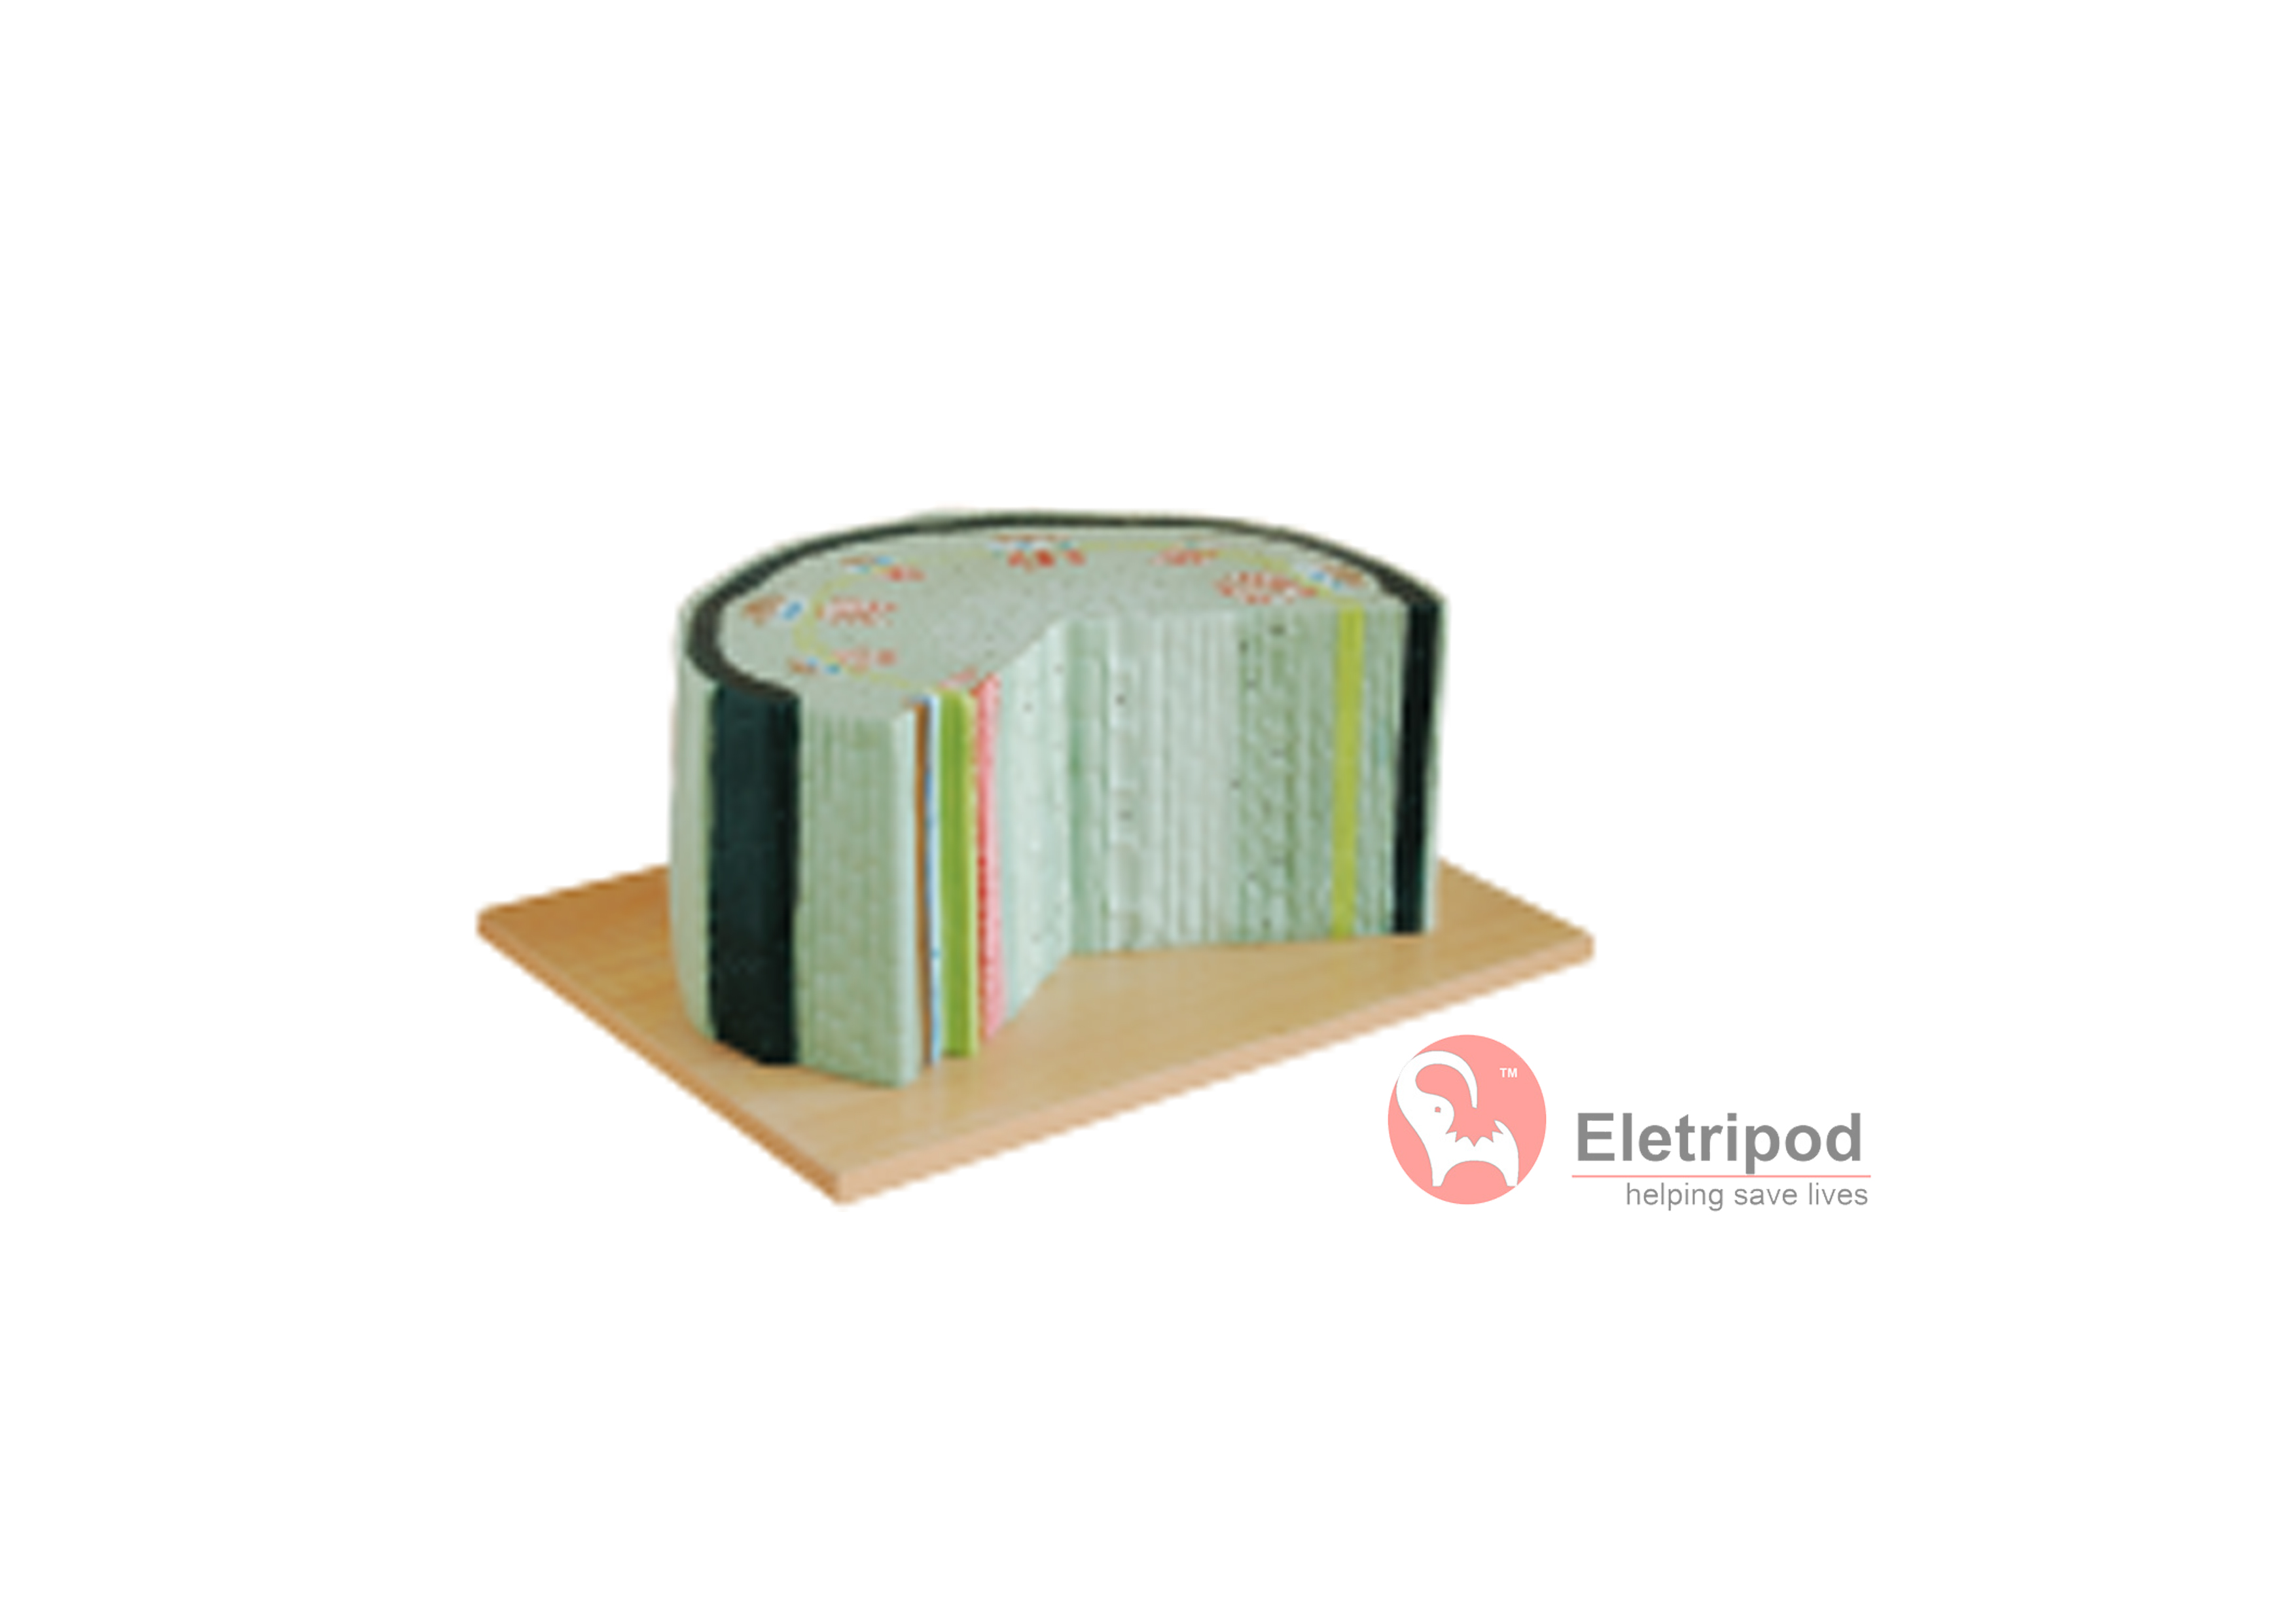 本模型取材于向日葵,示双子叶植物的组织构造。横切面:示角质层、表皮、木栓层、韧皮部、形成层和木质部以及髓的组织构造。径向切面:示角质层、表皮,表皮下排列着的木栓层,木栓层组织的里边为角部加厚的厚角组织。 包装:2件/箱,42x32x42cm,7kgs